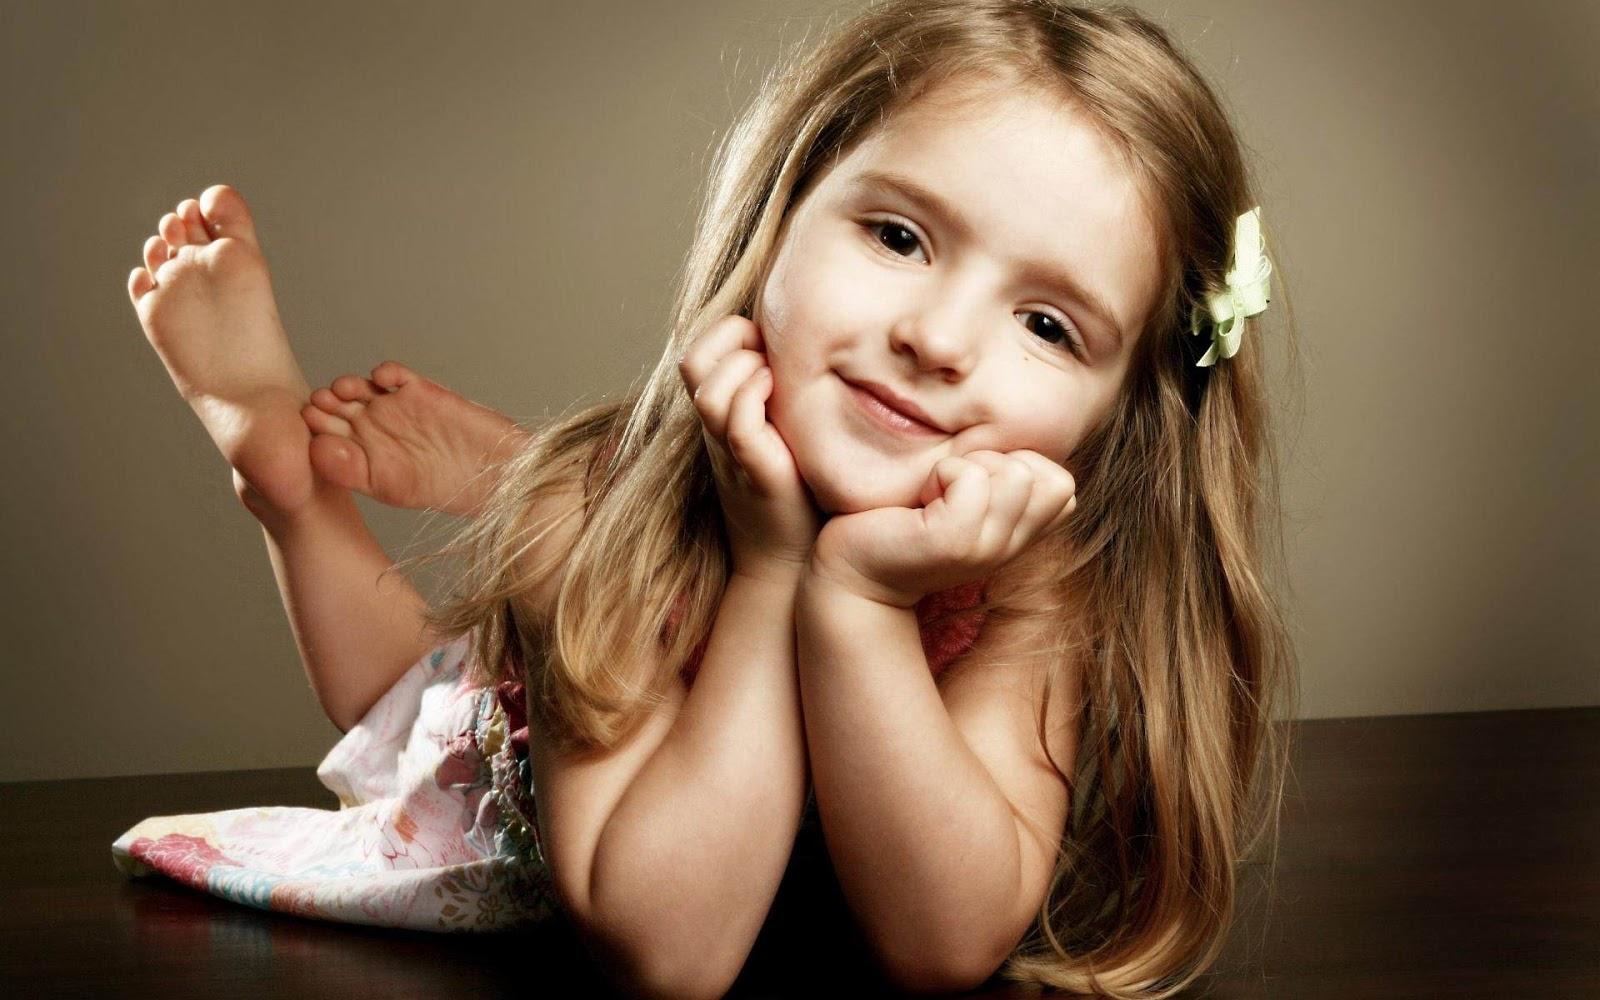 http://1.bp.blogspot.com/-MLYrvORfwRY/ULIuheZA_hI/AAAAAAAAHkY/VM8NsQ6oOyA/s1600/Cute-little-baby-girl-wallpaper3.jpg